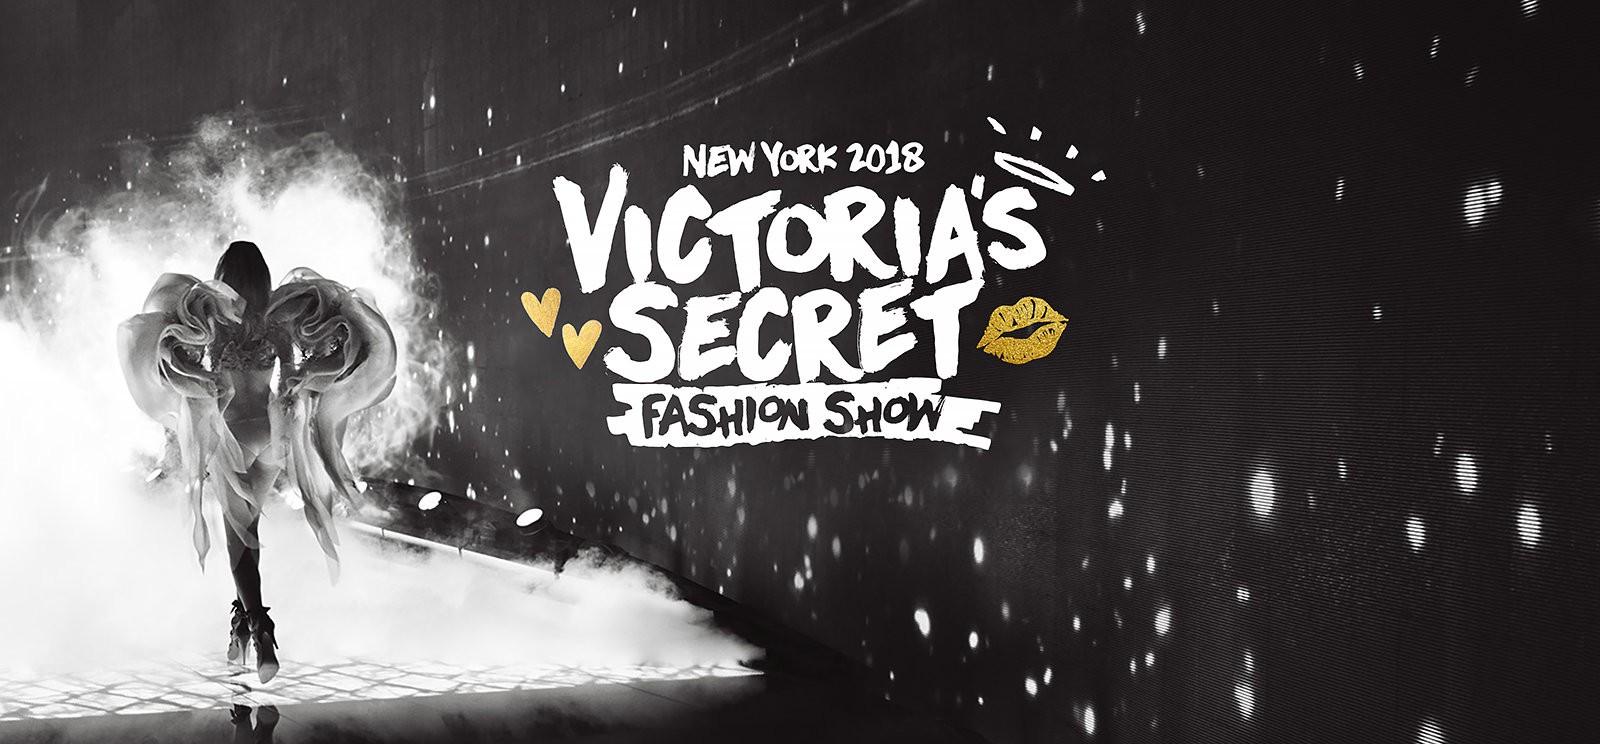 Danh sách 59 người mẫu của Victorias Secret Show 2018: Ming Xi tiếp tục diễn sau cú ngã năm ngoái, thiên thần Behati tái xuất - Ảnh 1.